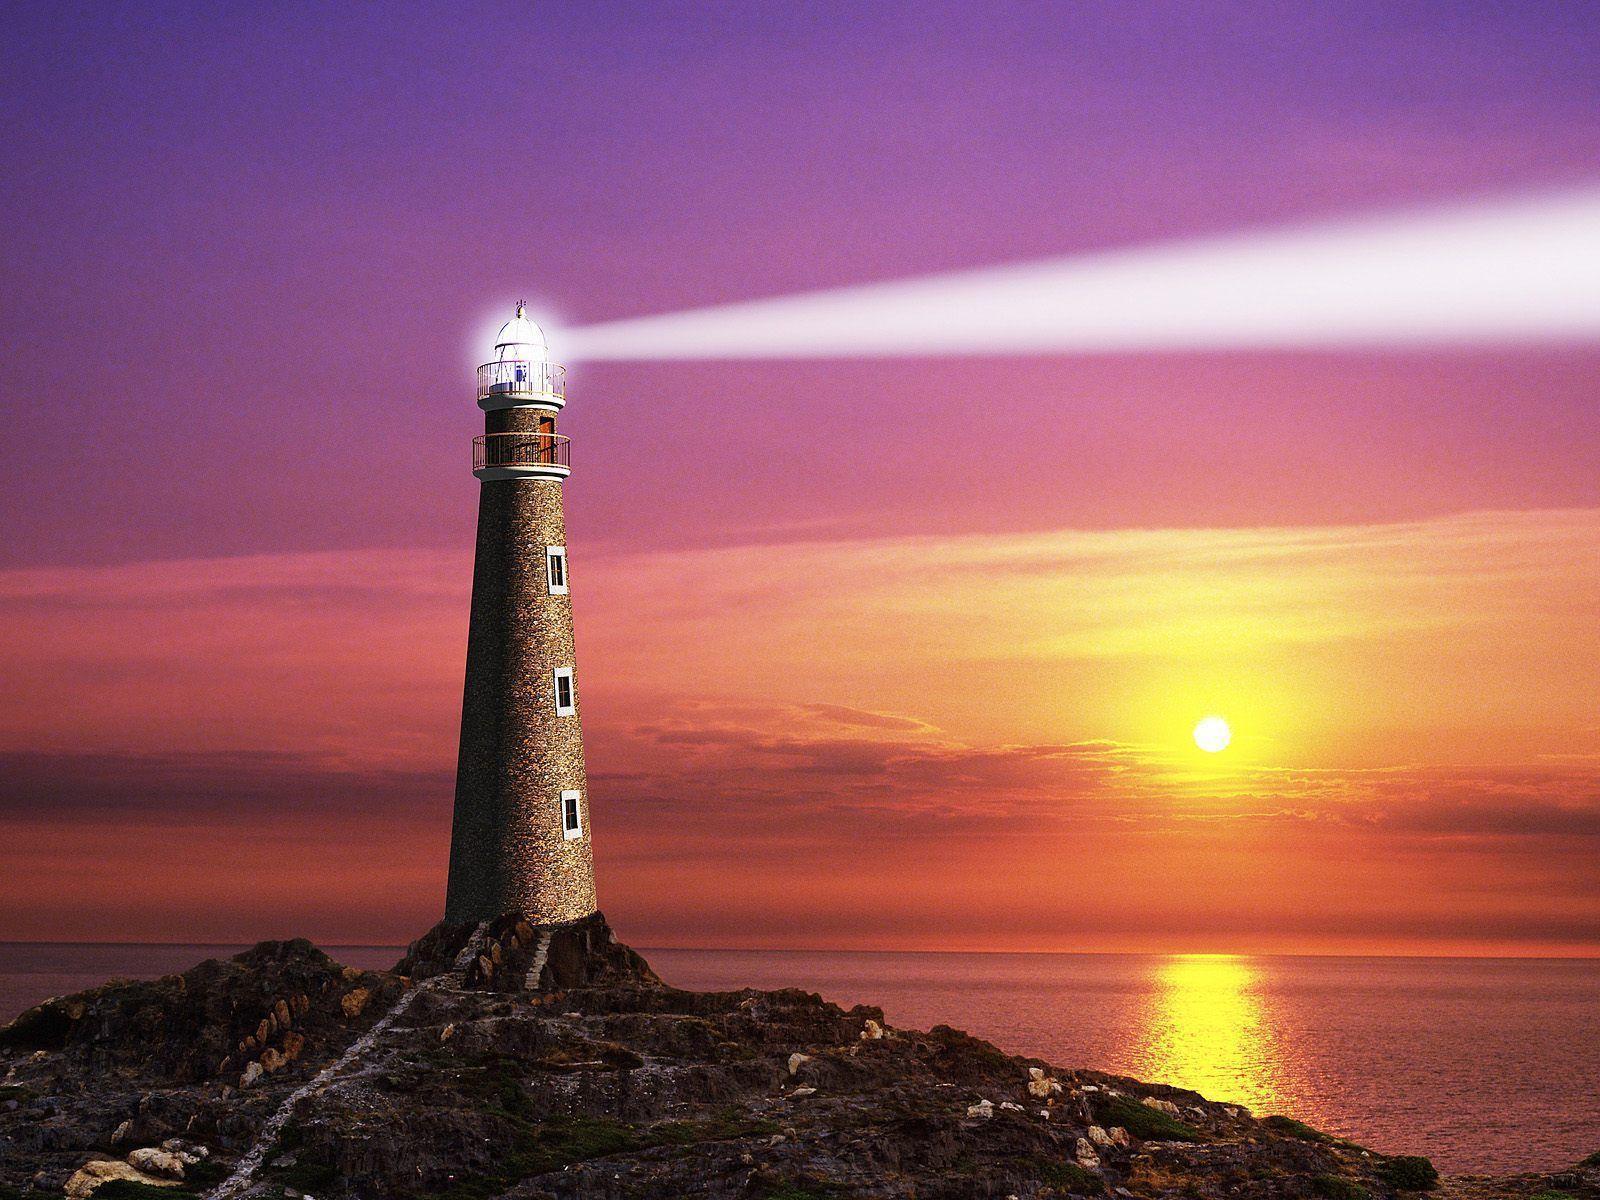 Lighthouse Desktop Wallpapers